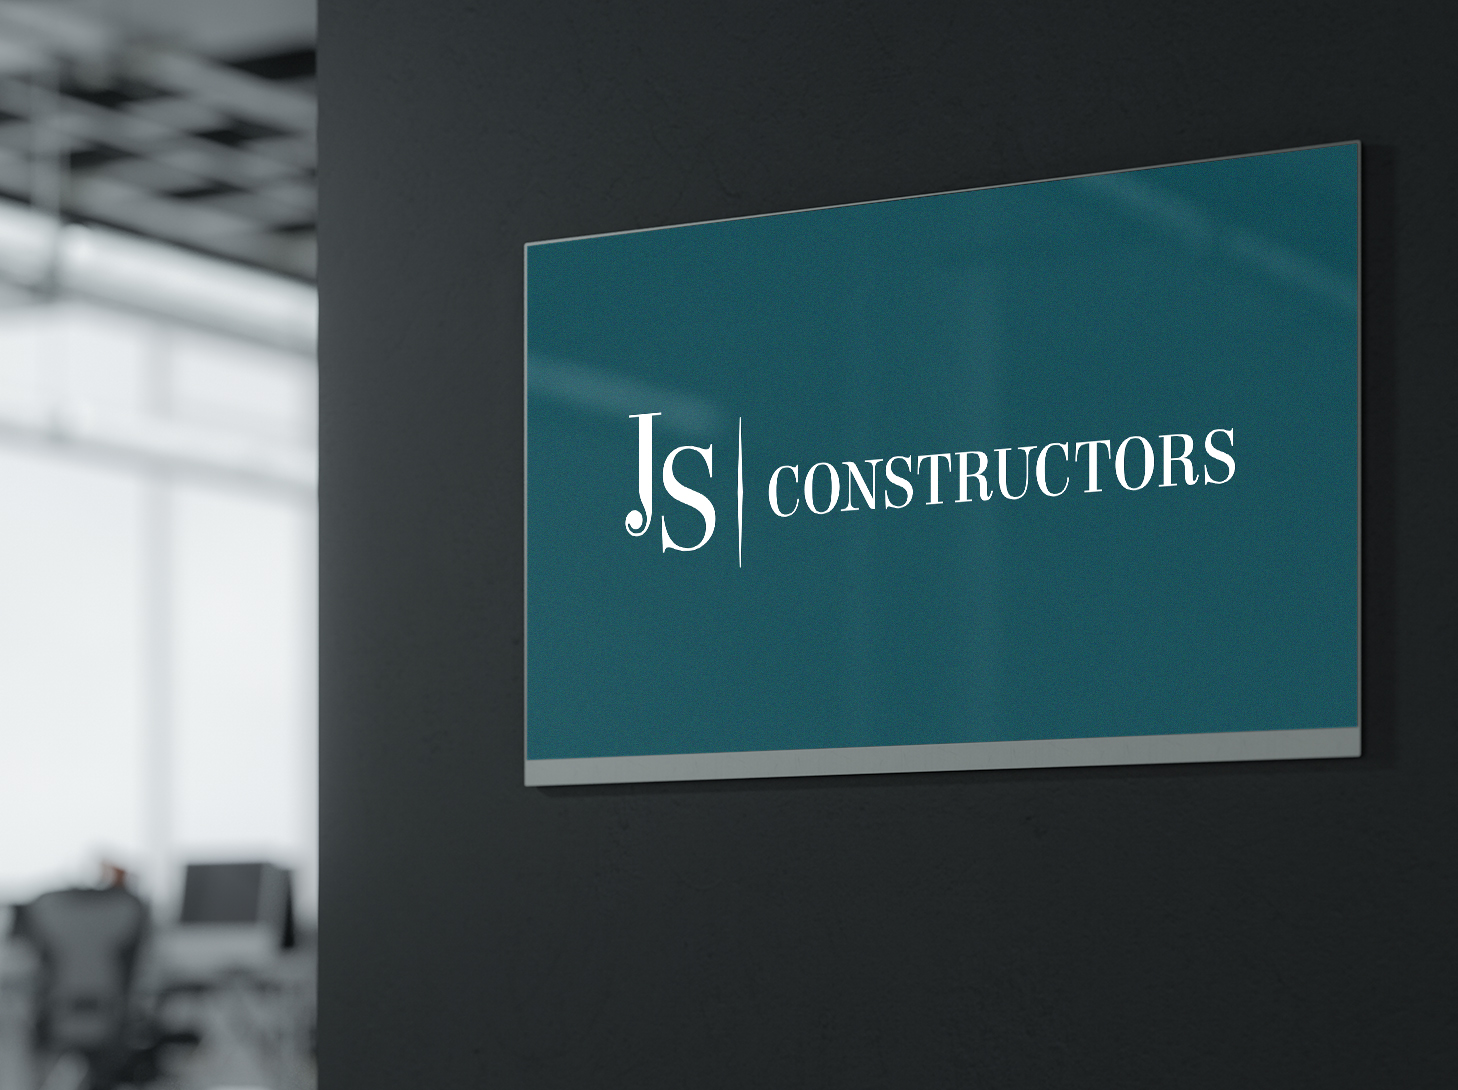 JS Constructors - #identity #web